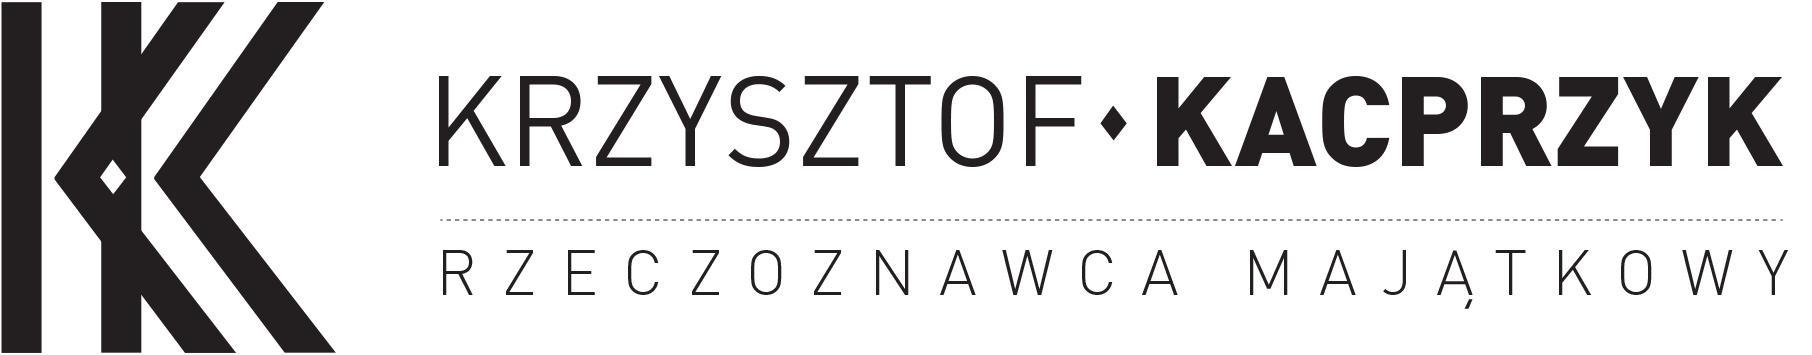 Rzeczoznawca Majątkowy Krzysztof Kacprzyk